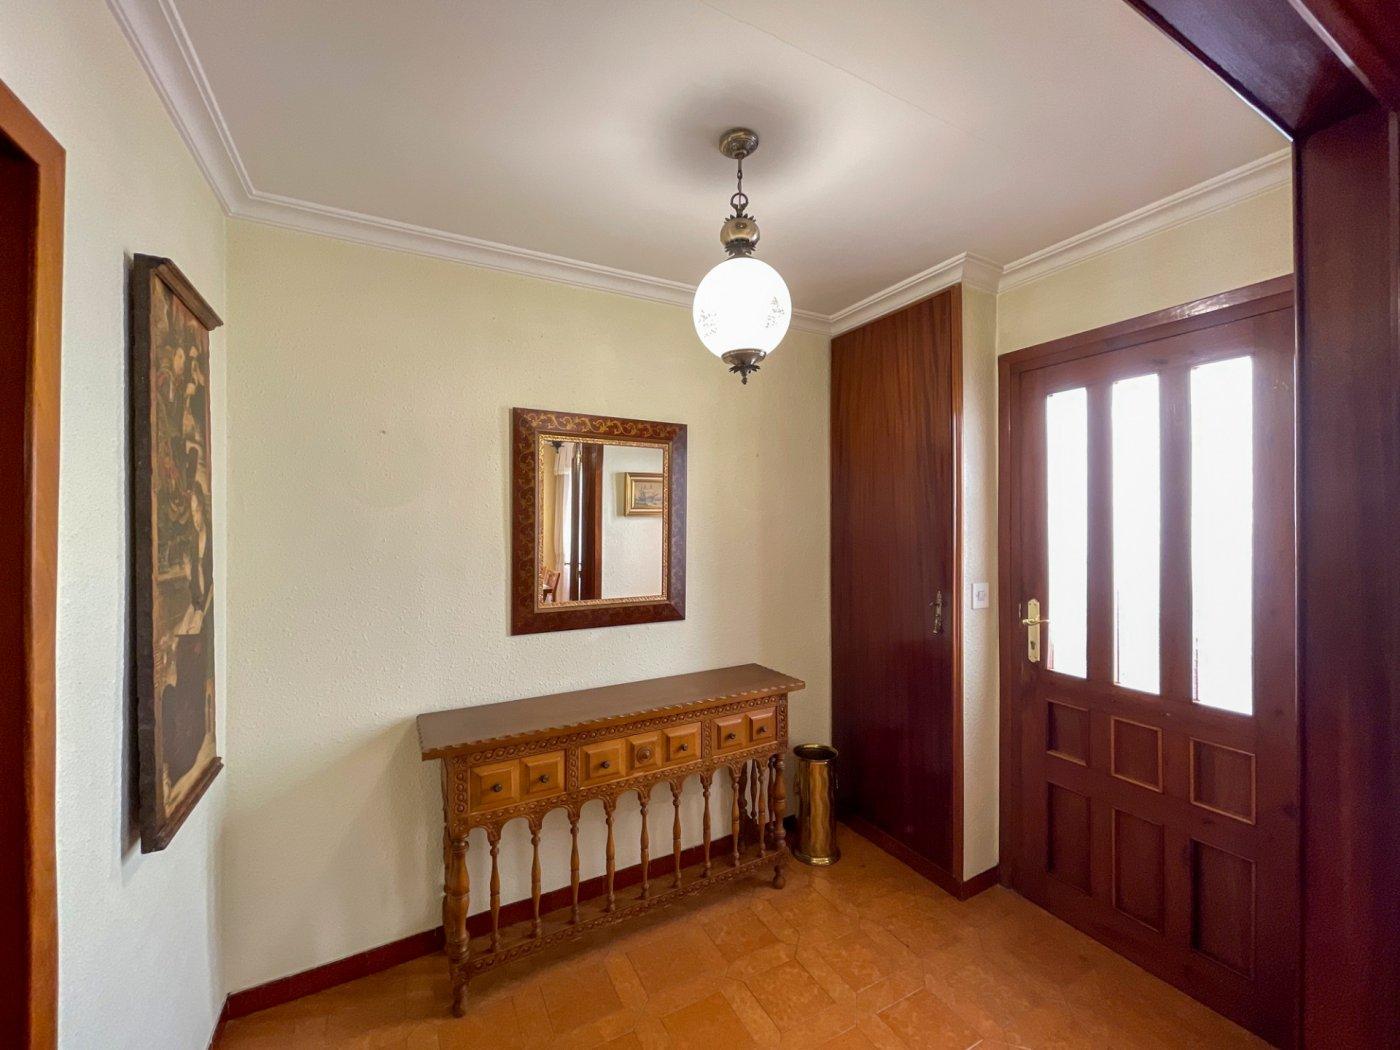 Magnifica casa con garaje en centro de onil - imagenInmueble21